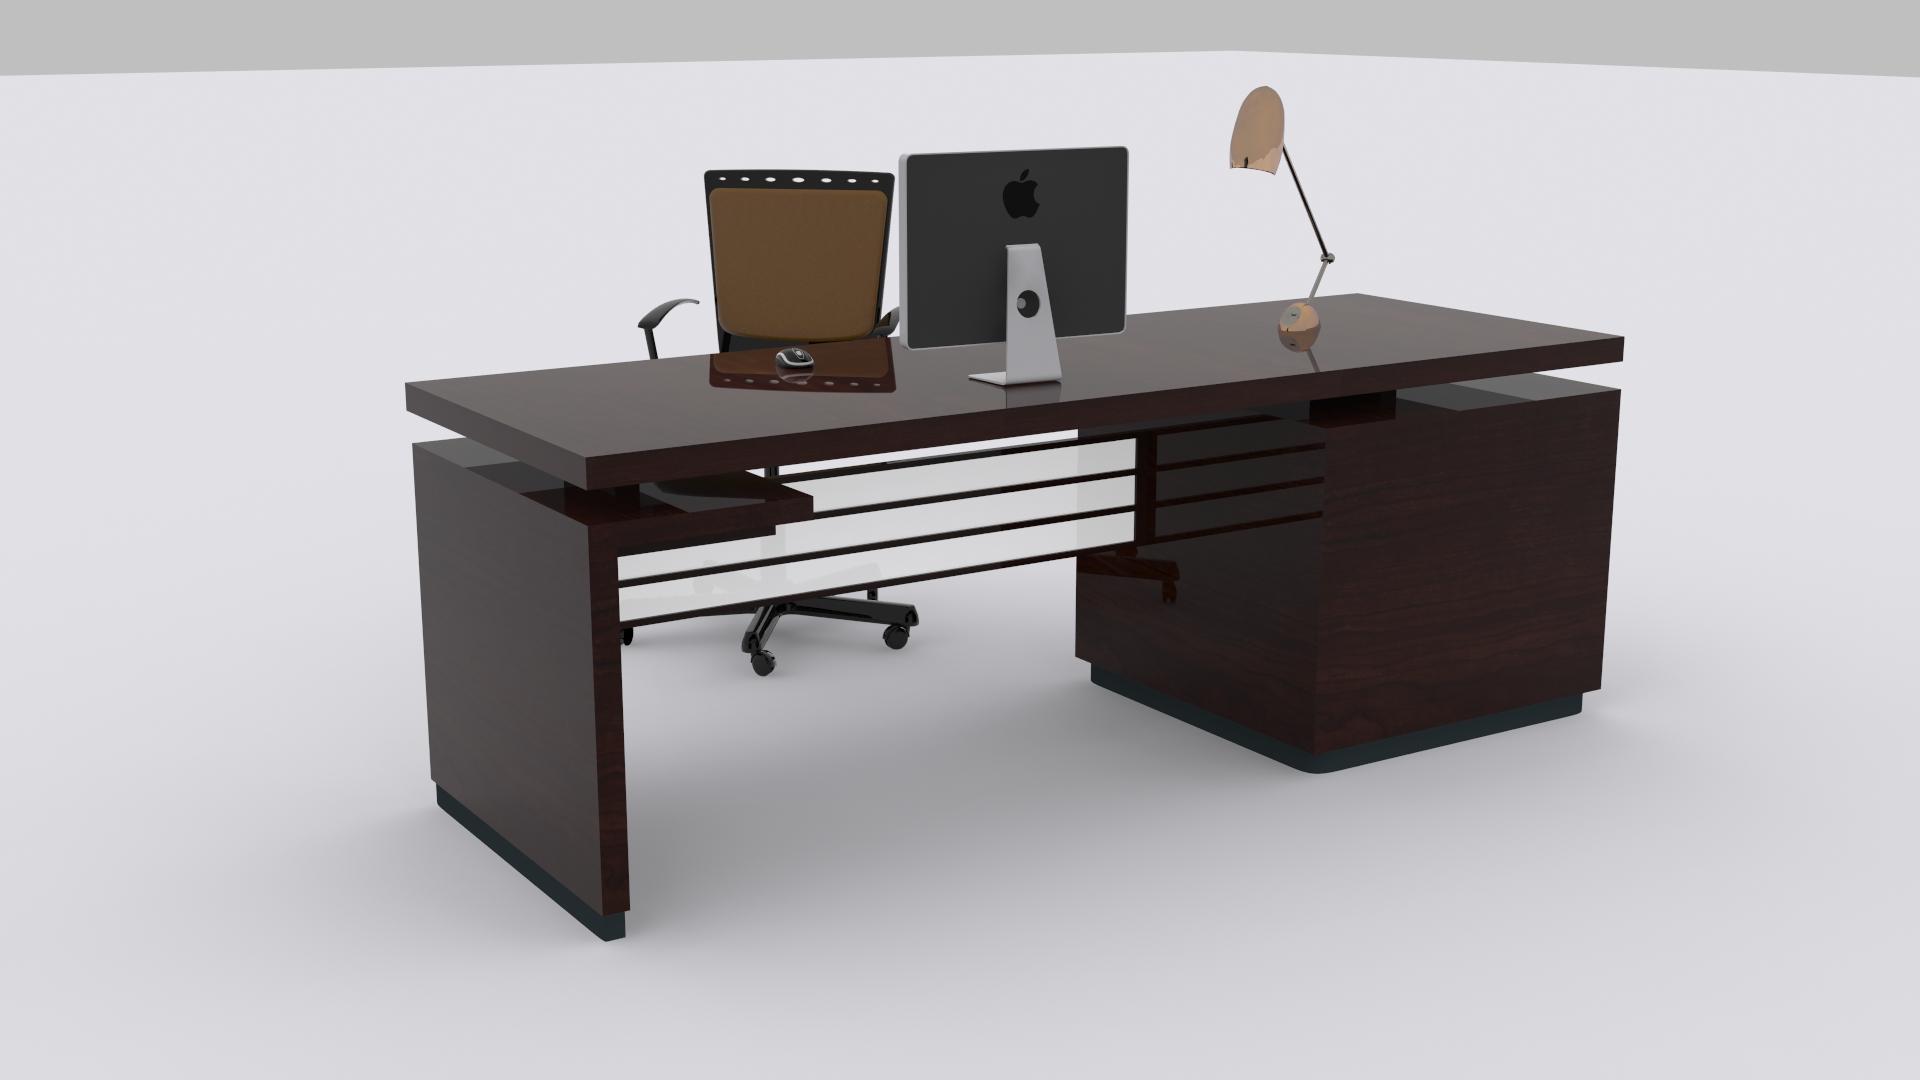 ... Computer Desk 3d Model Max Obj Fbx Mtl 6 ...